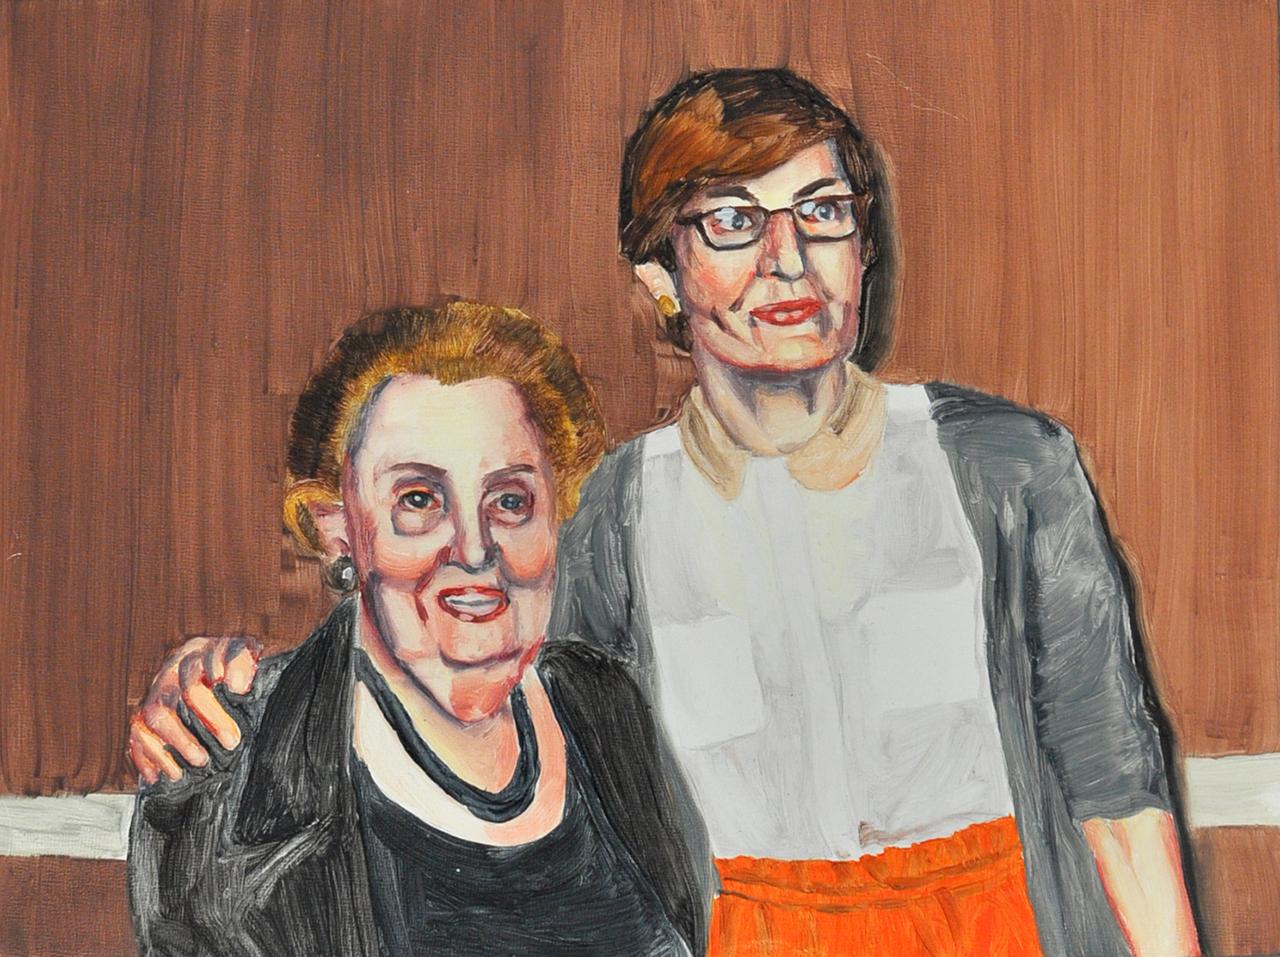 Madeleine and I